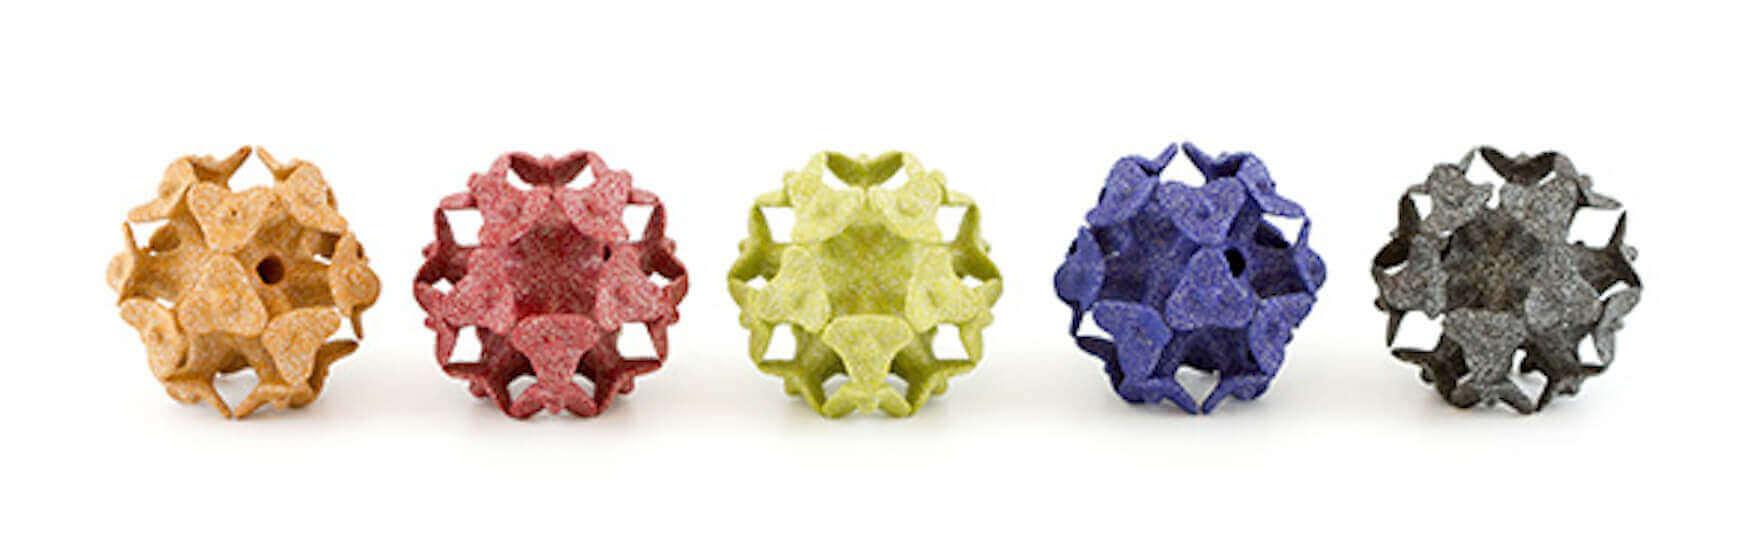 Dyed Alumide imaterialise